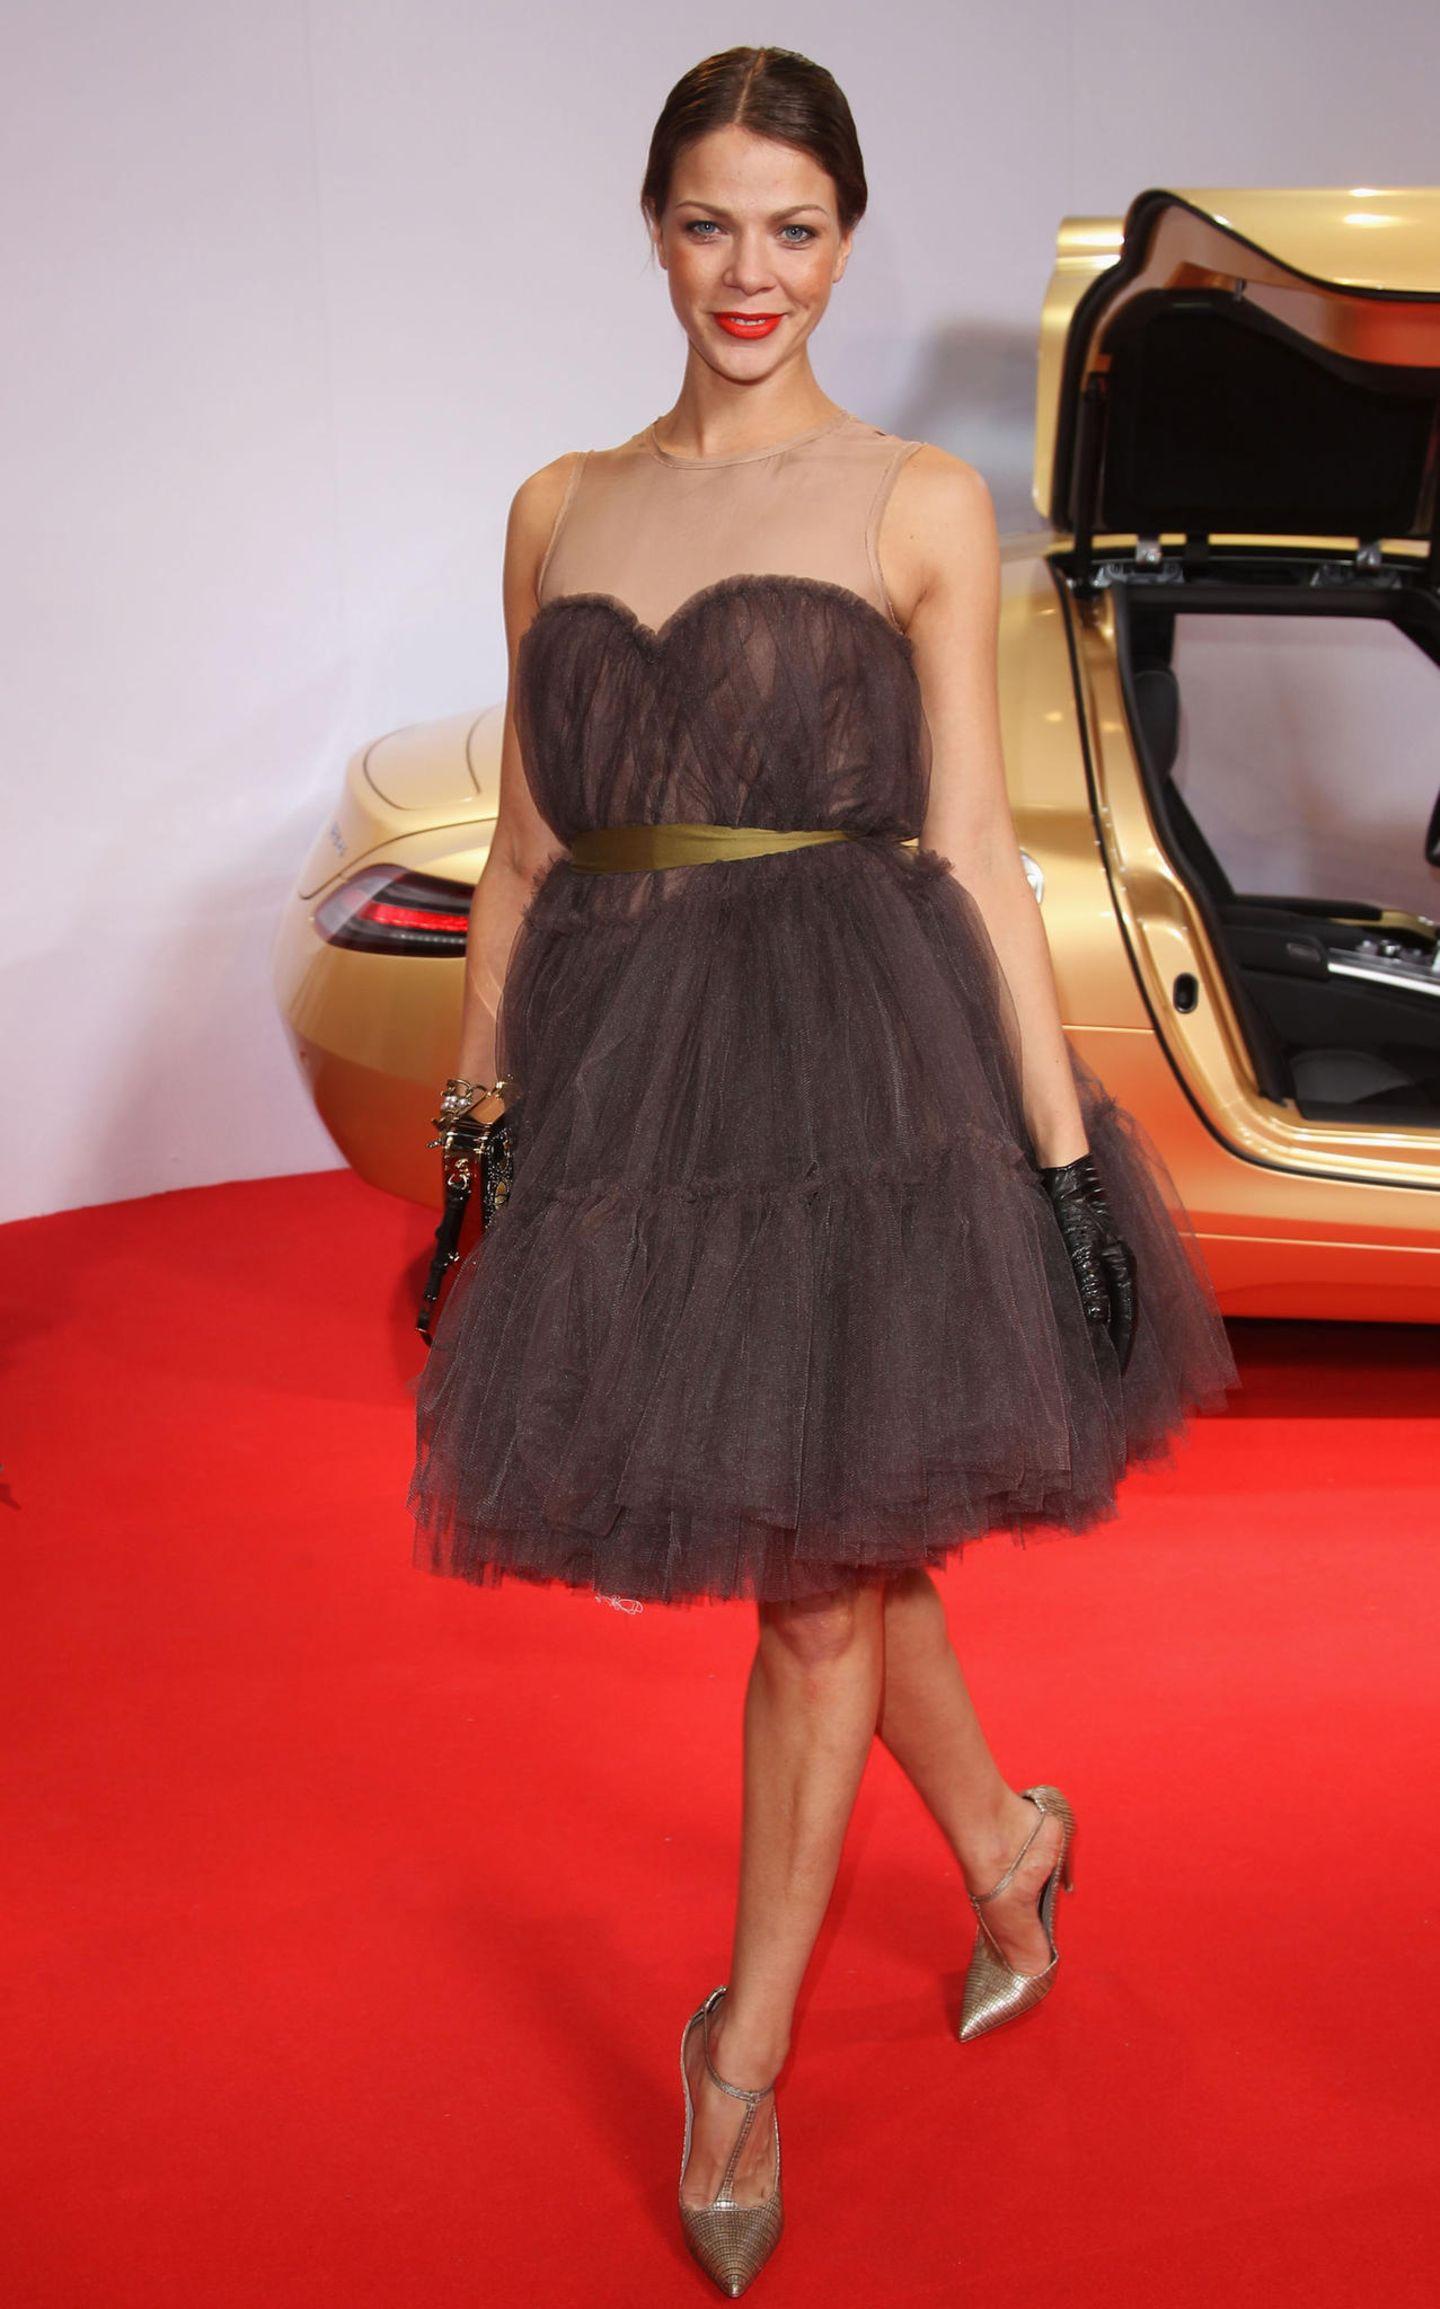 Promi-Looks: Jessica Schwarz auf dem roten Teppich